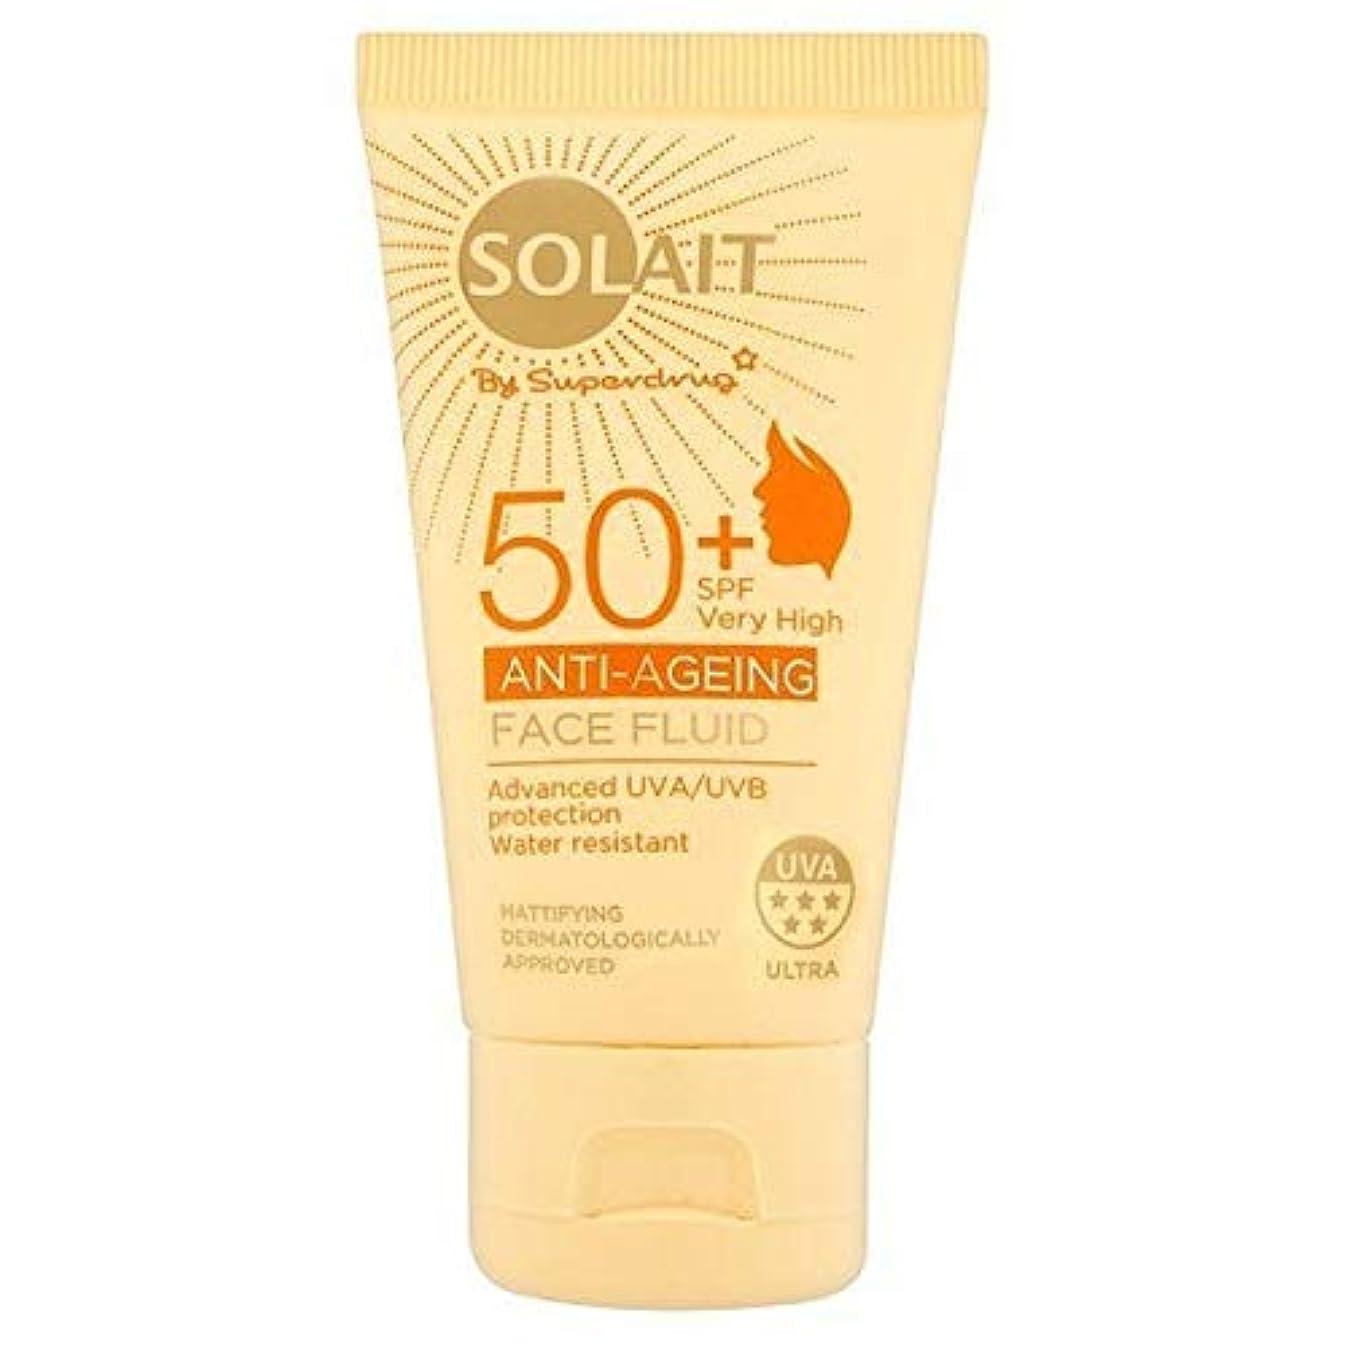 作詞家大脳ピアノを弾く[Solait] Solait顔日クリームSpf50液の50ミリリットル - Solait Face Sun Cream Fluid SPF50 50ml [並行輸入品]